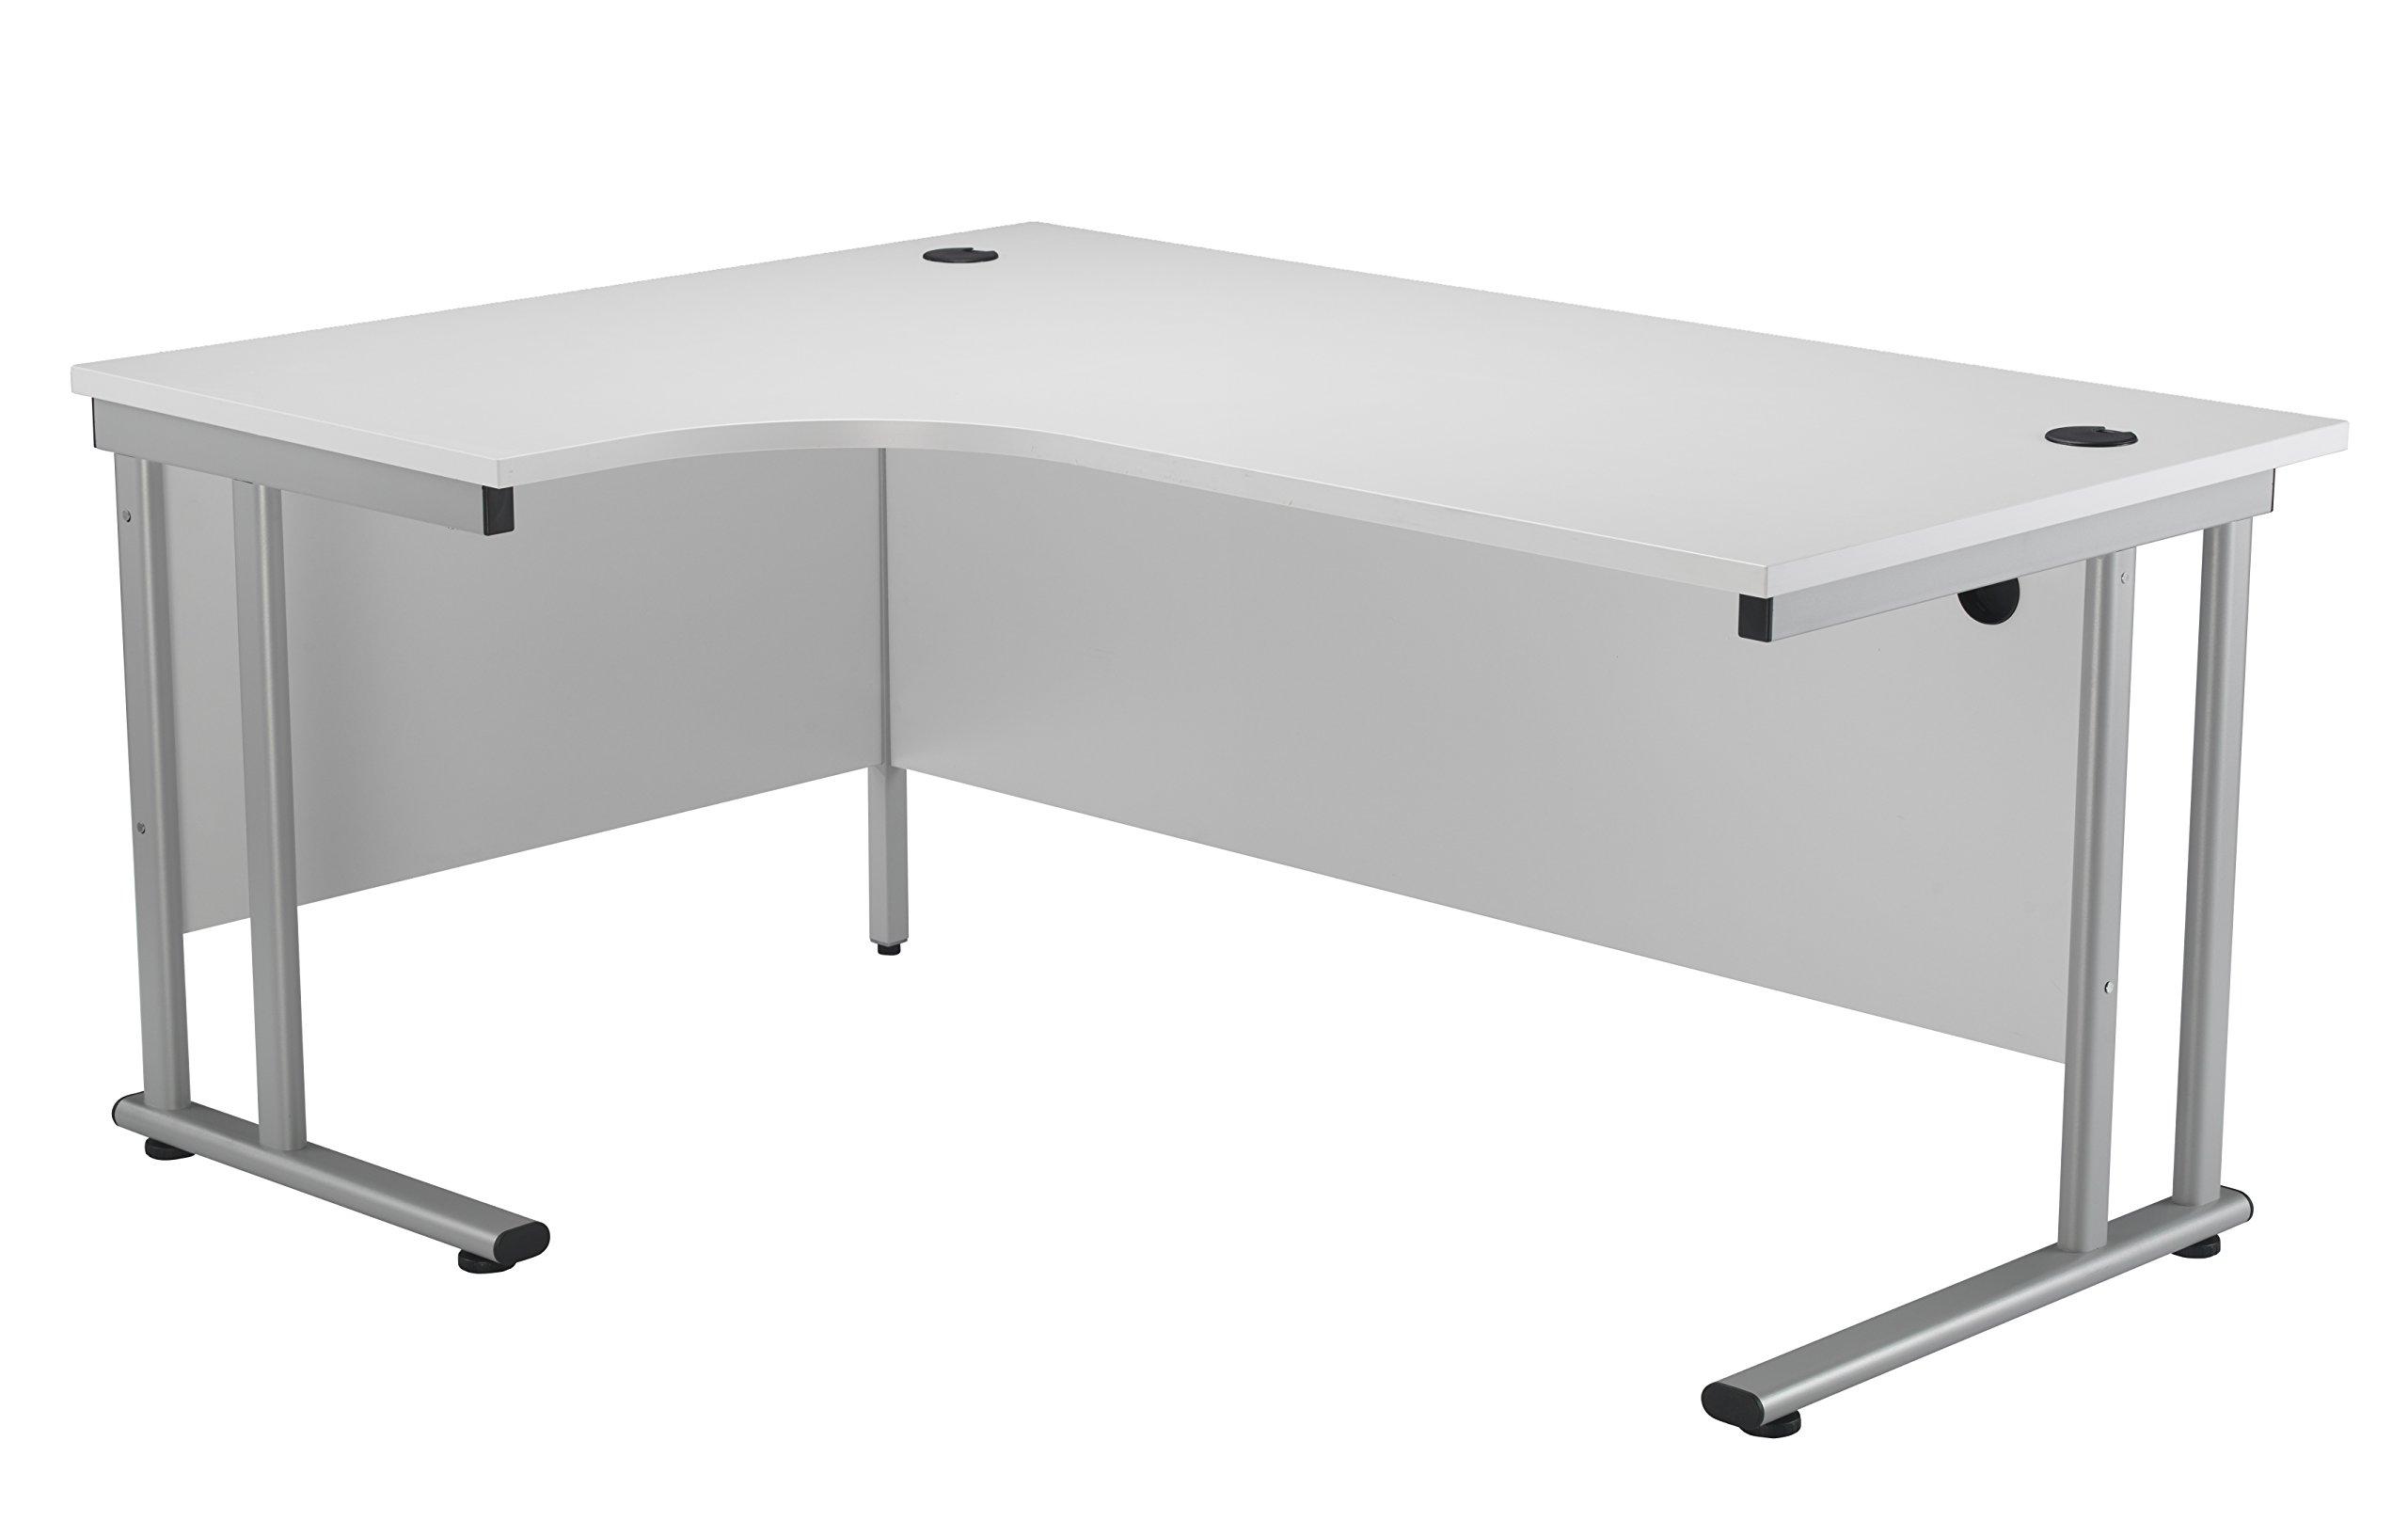 curved office desks. Office Hippo Professional Left Corner Desk, Wood, White, Silver Frame, 160 Curved Desks